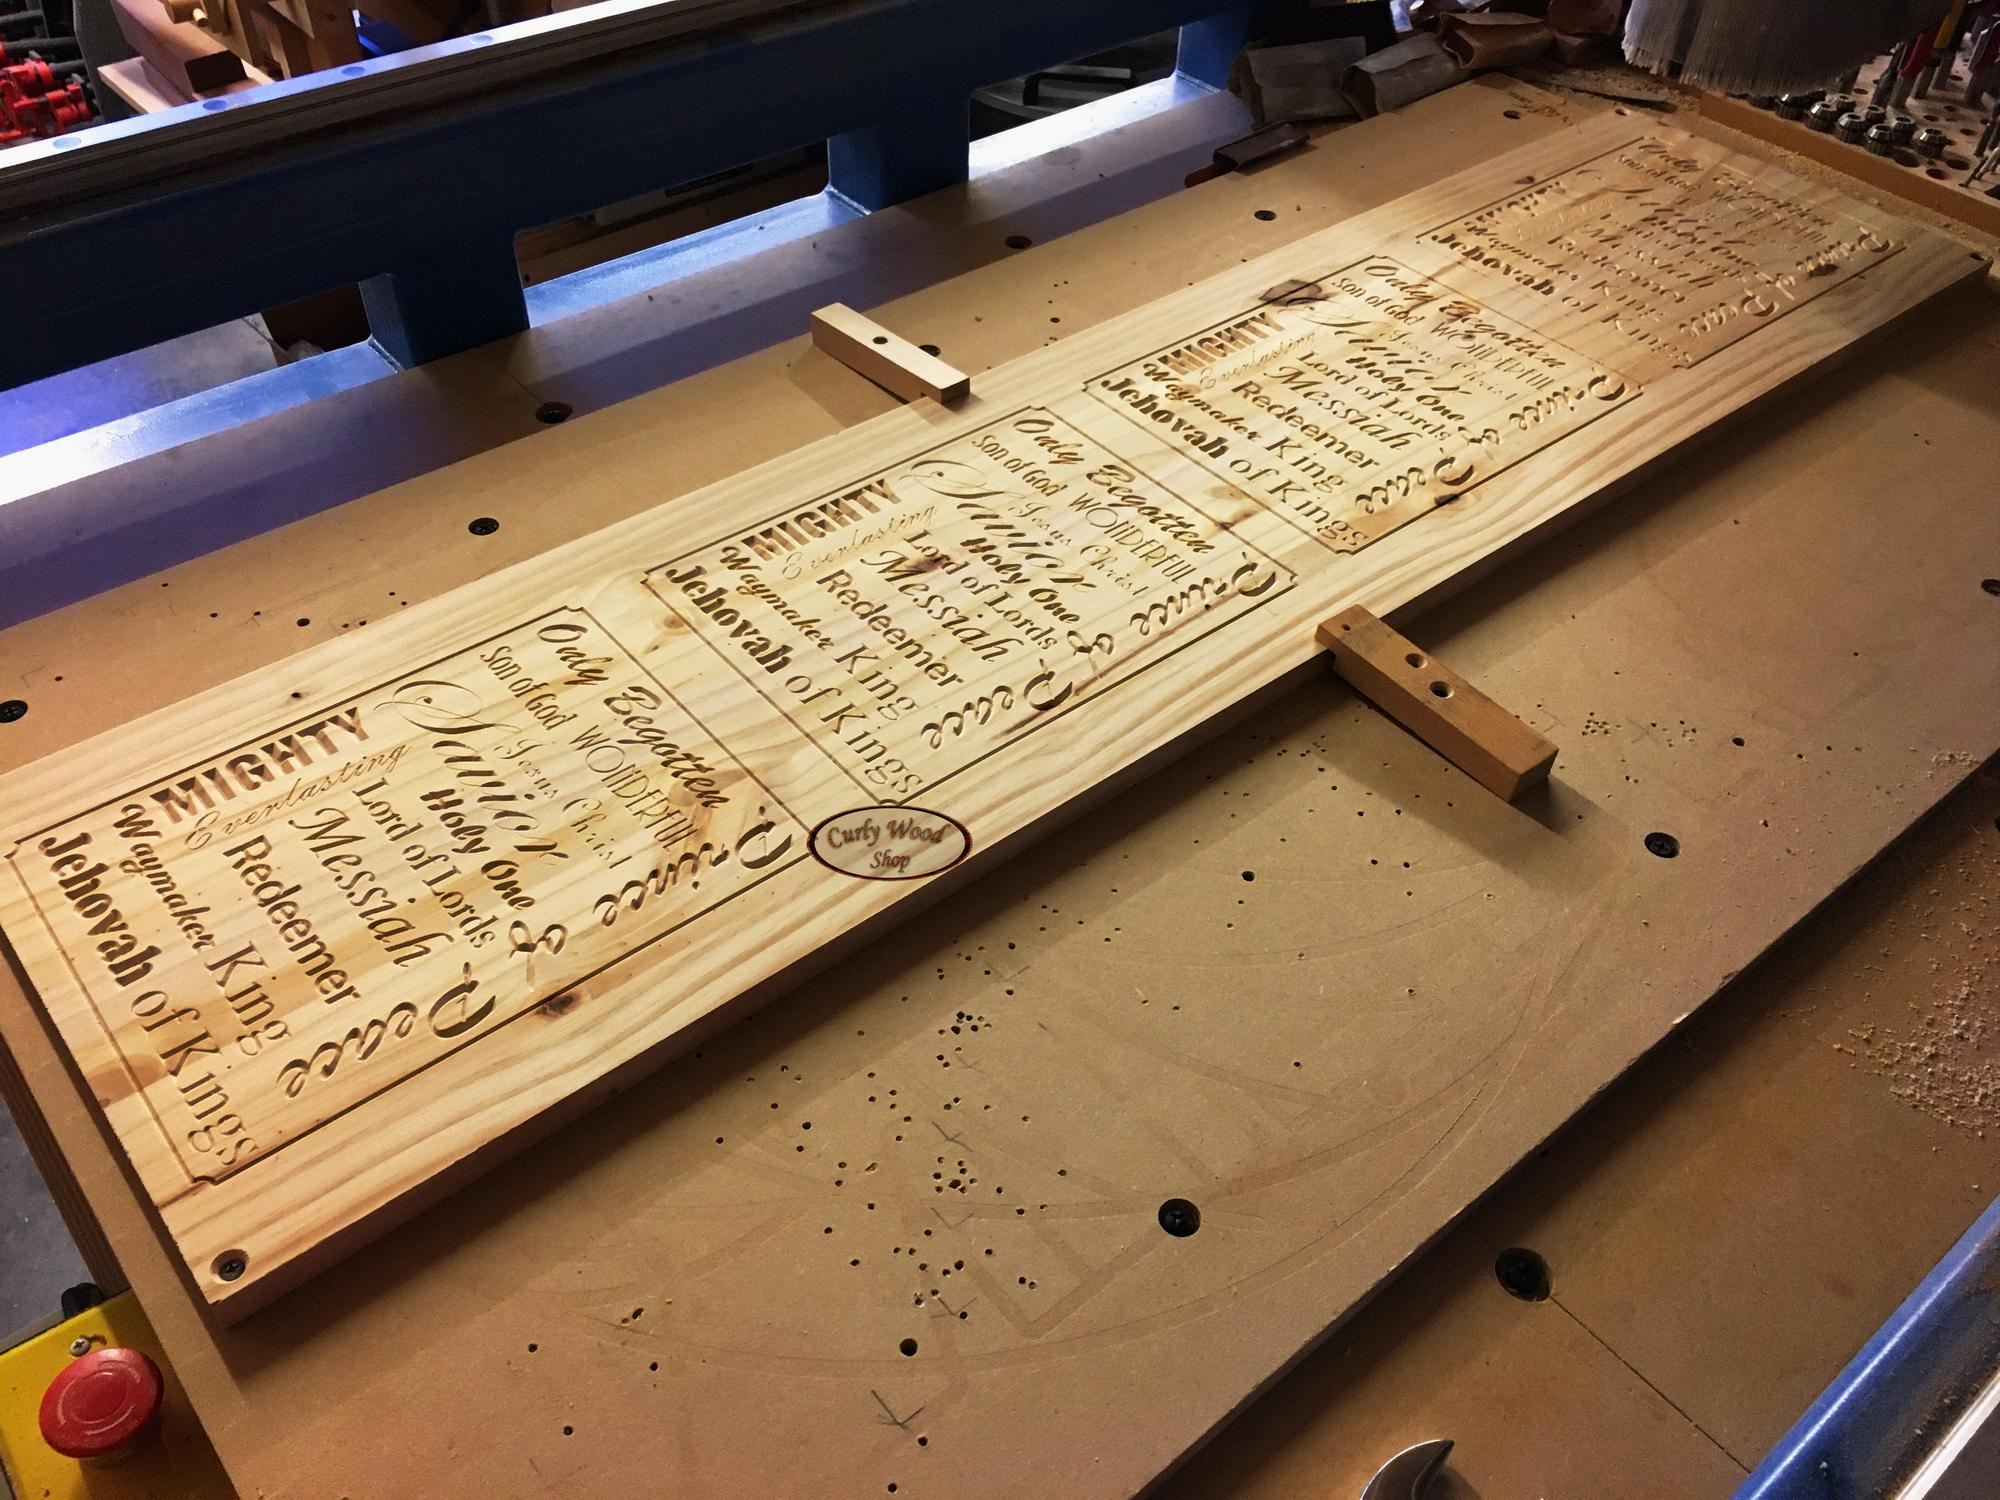 More plaques, light production-005-names-jesus-4-up-cnc.jpg